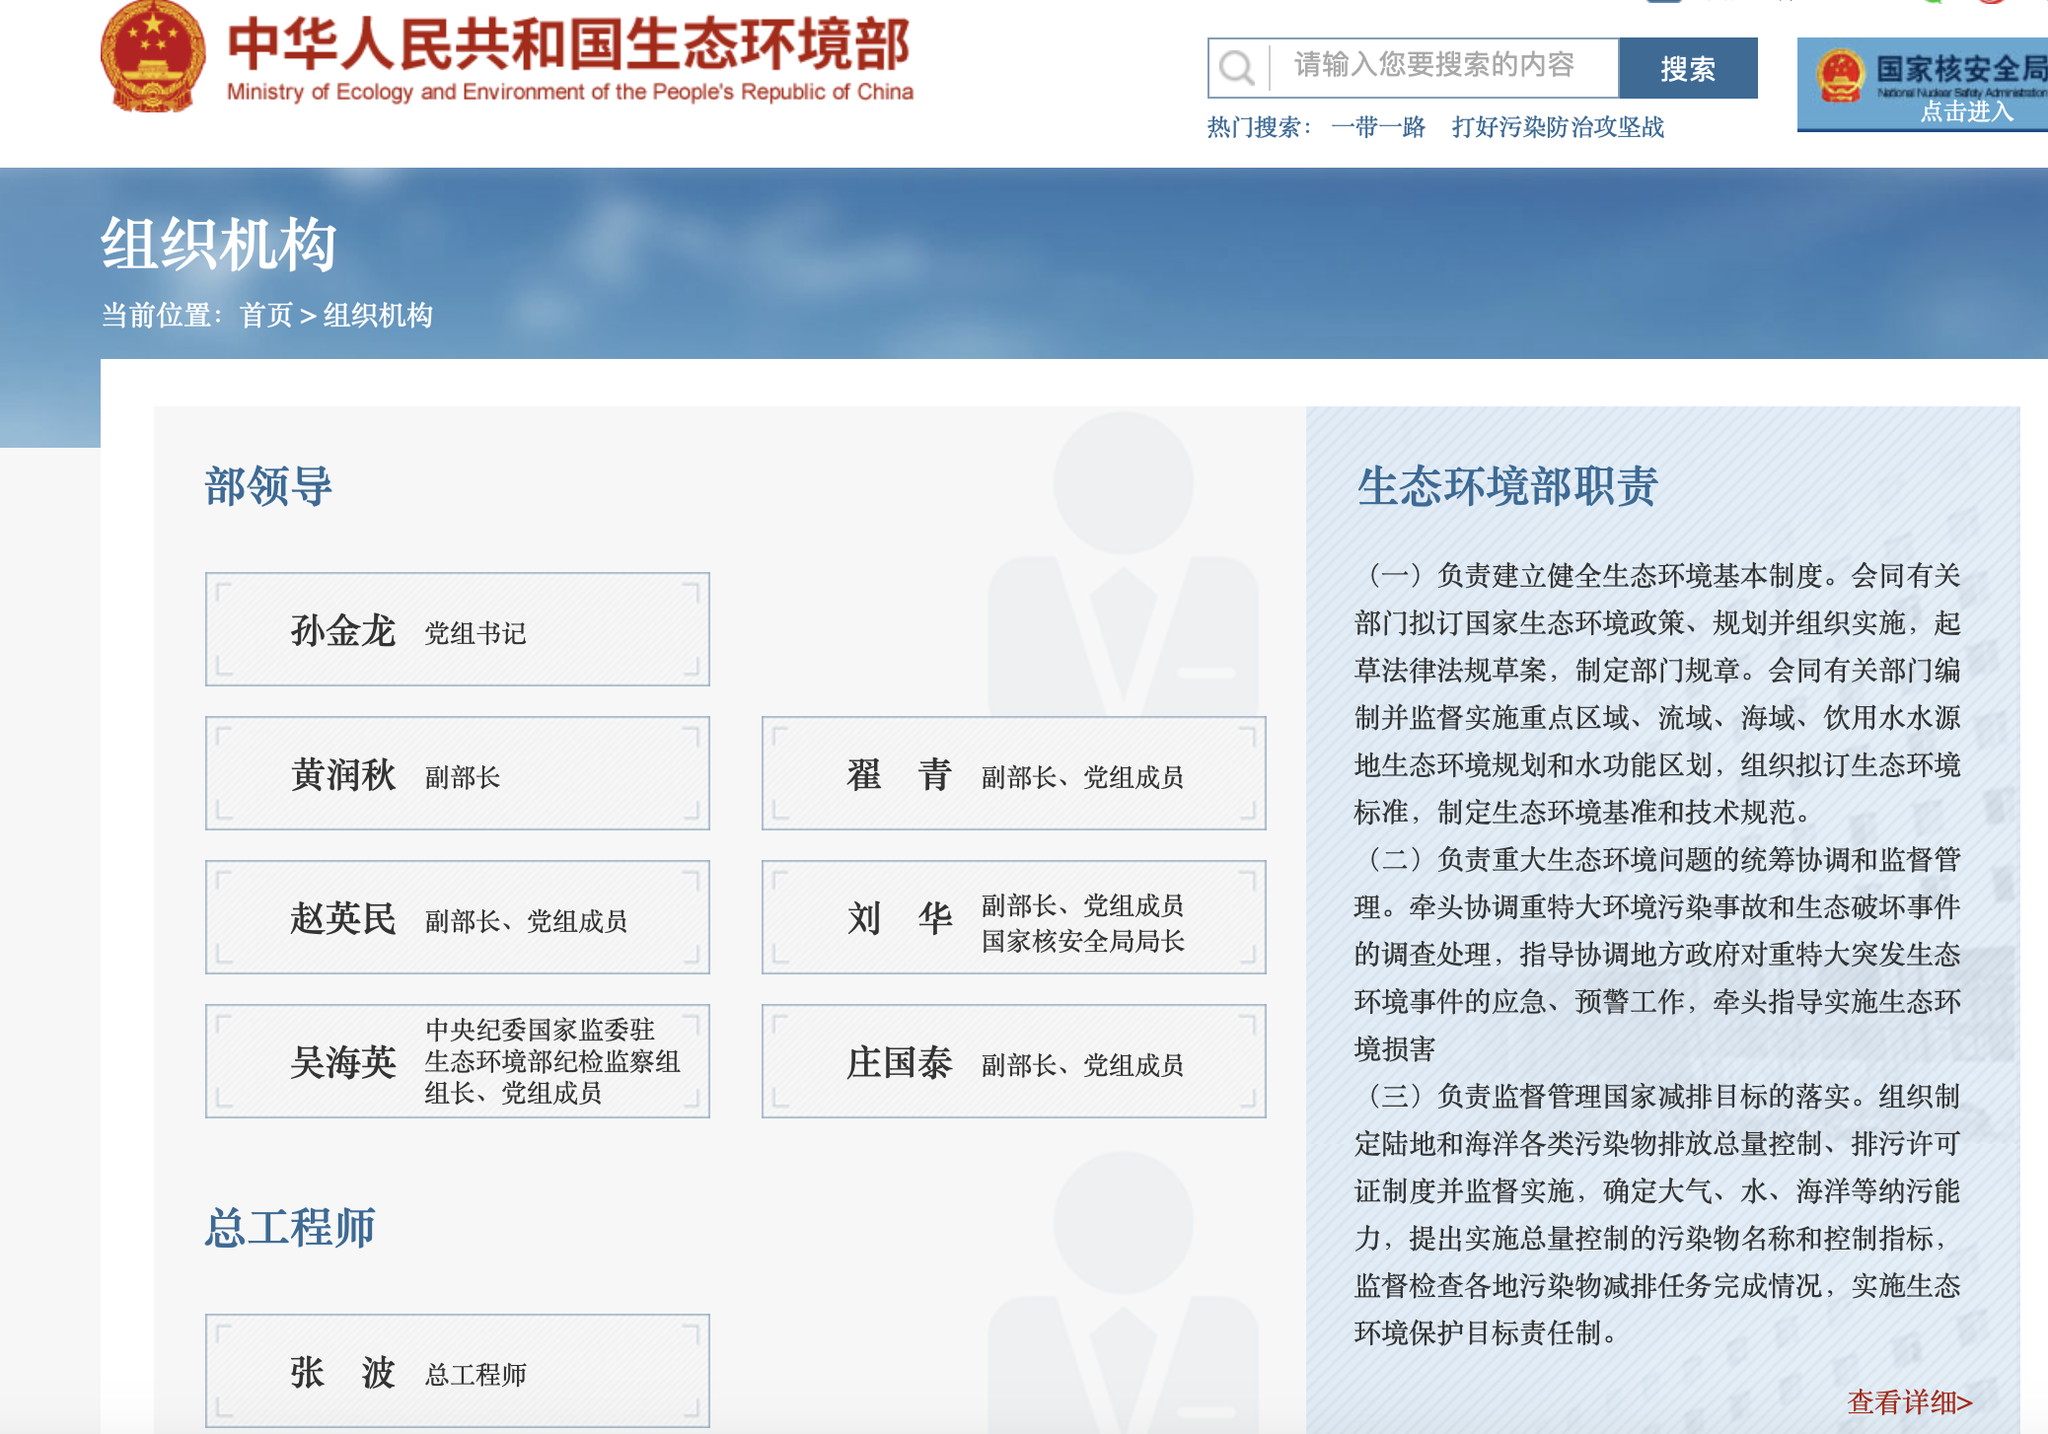 【摩天登陆】李干摩天登陆杰已任山东省政府党组书图片